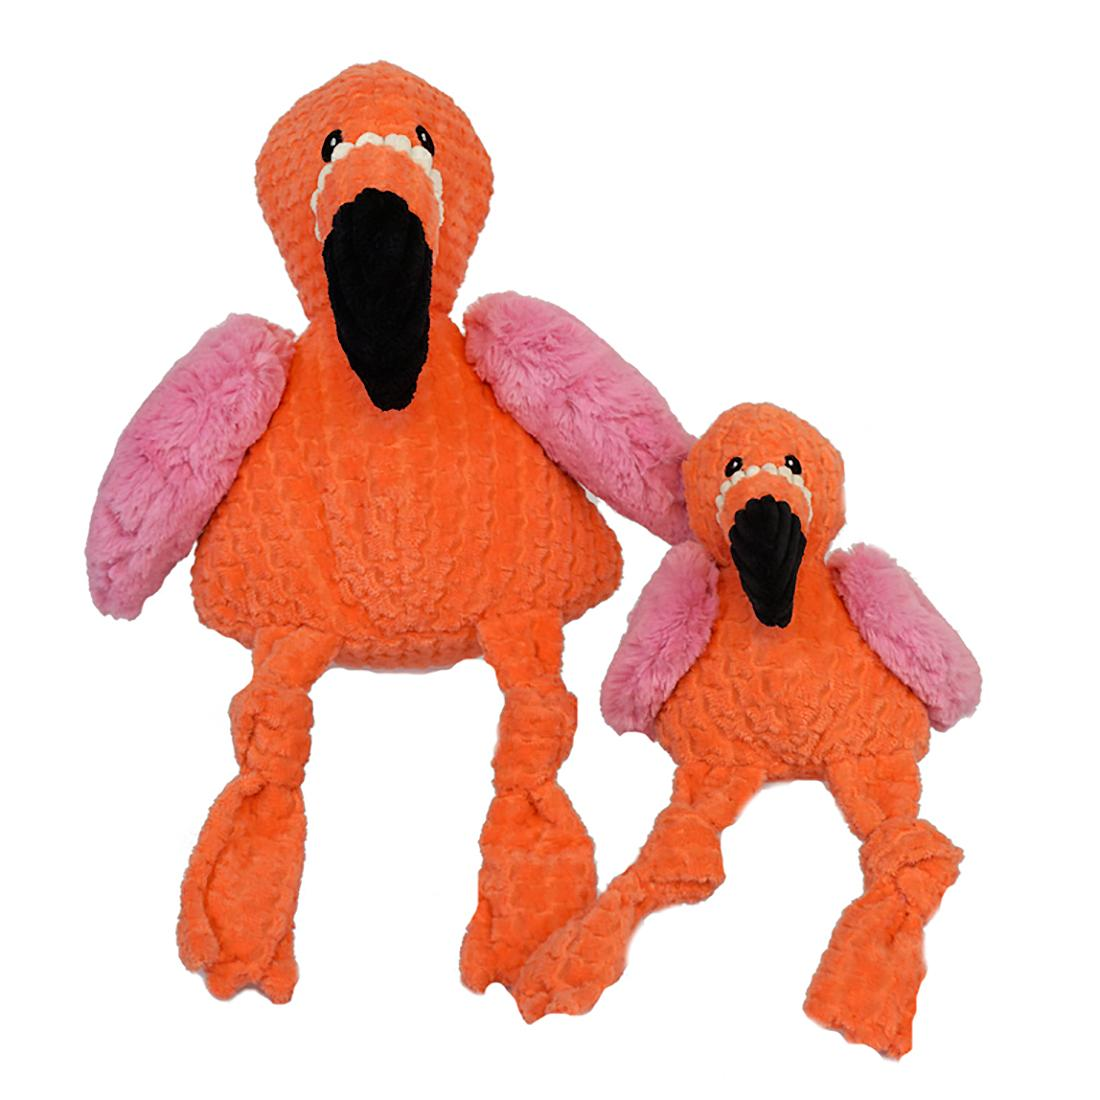 HuggleHounds Knotties Dog Toy - Flamingo